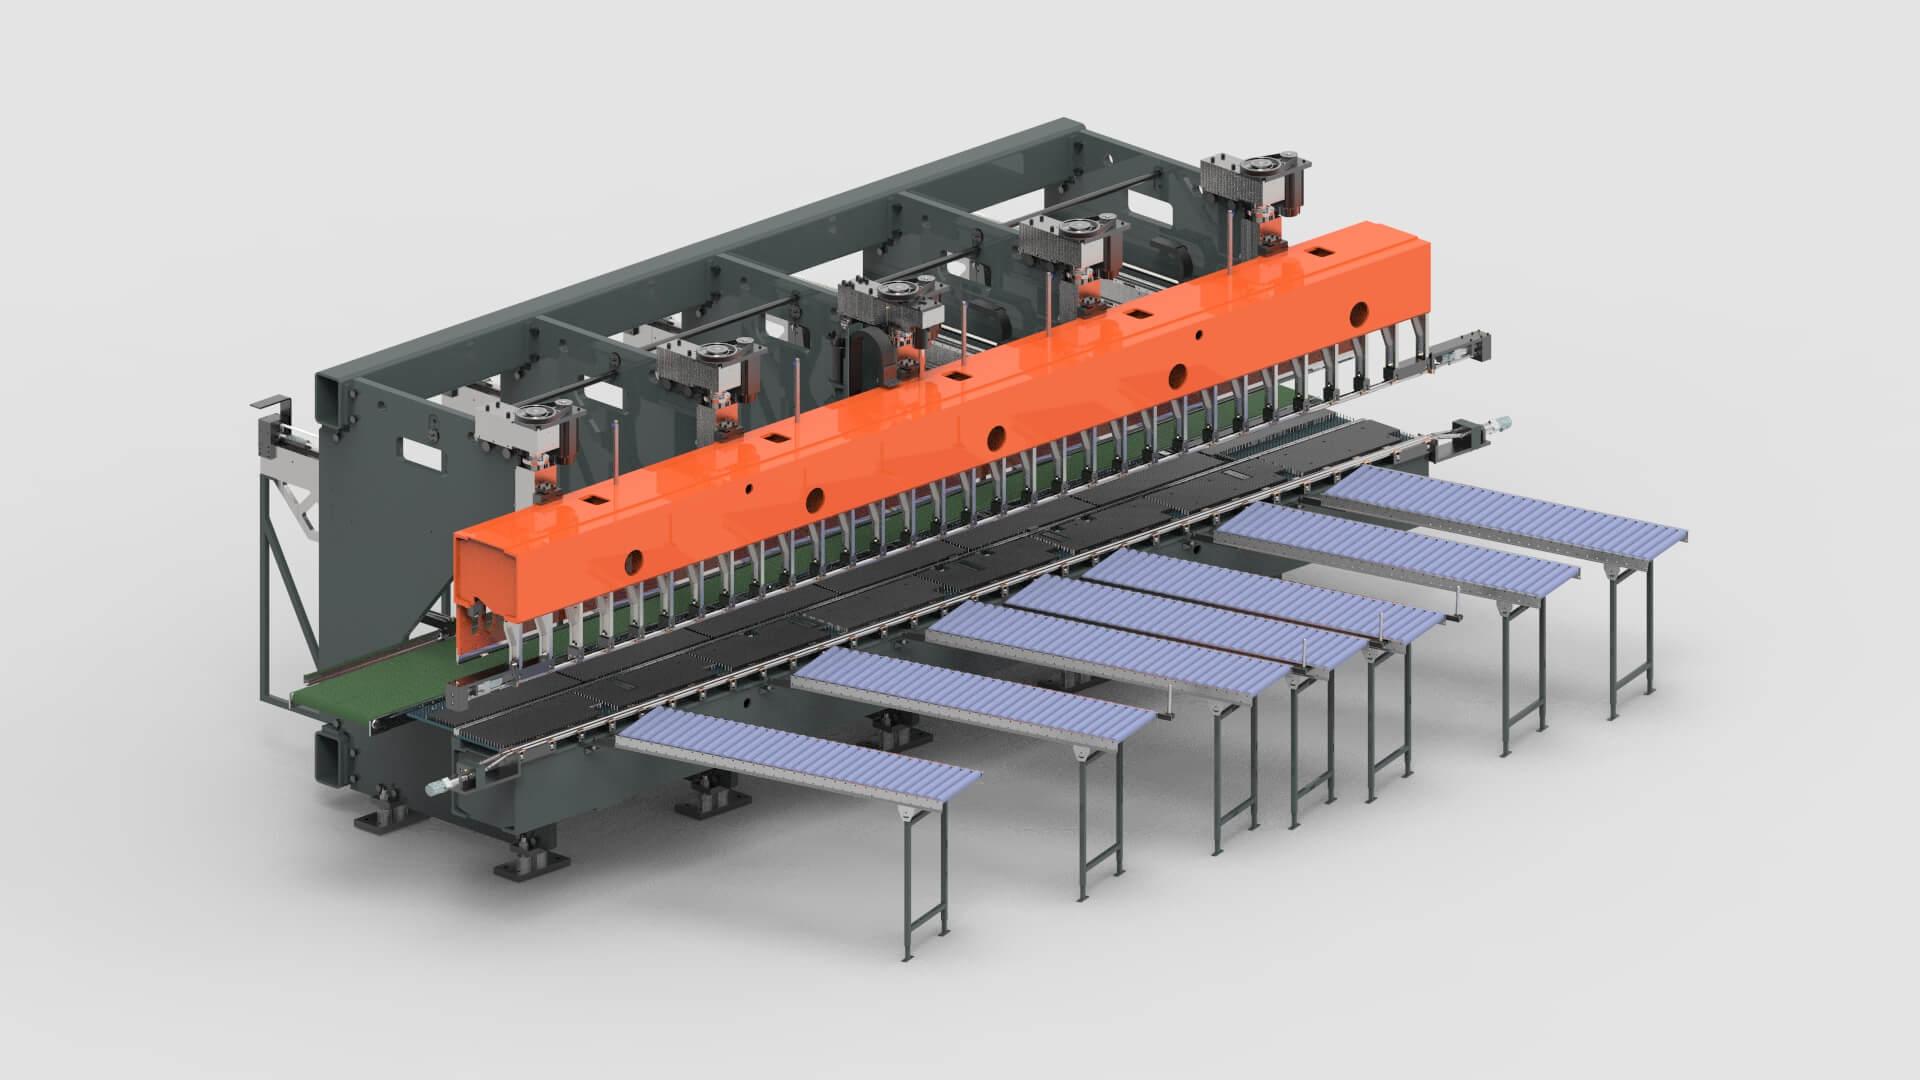 rolluikkapen-plaatbewerking-rol-kantbank-productielijn.jpg